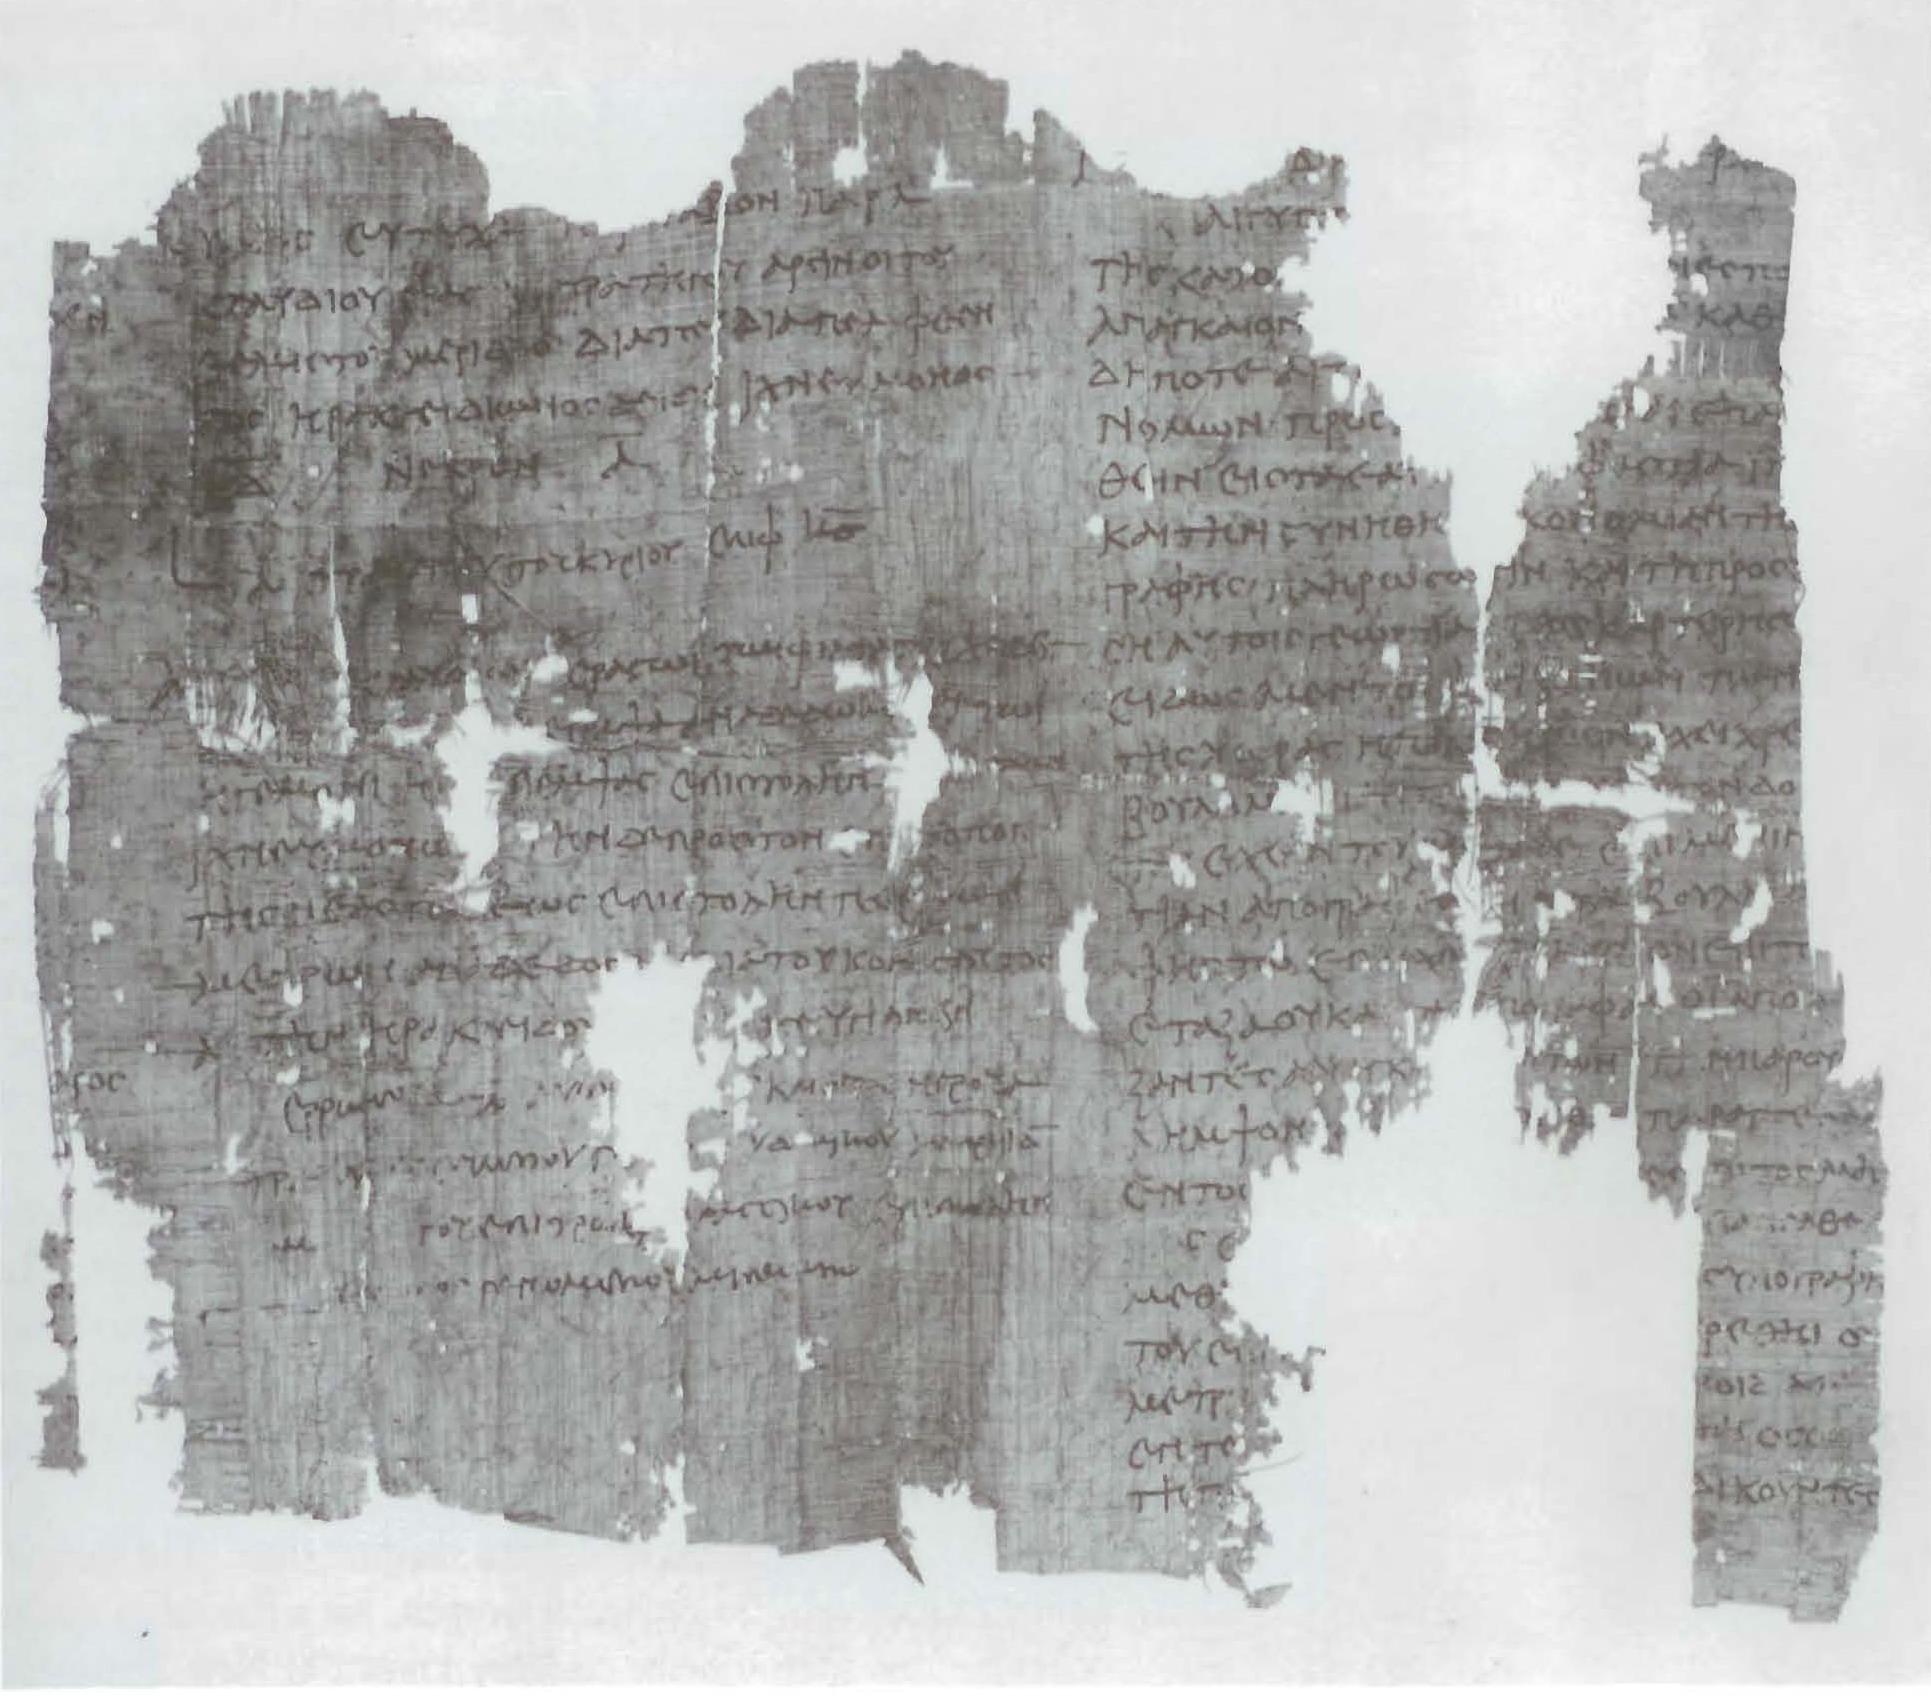 Papyrus_Census_Order